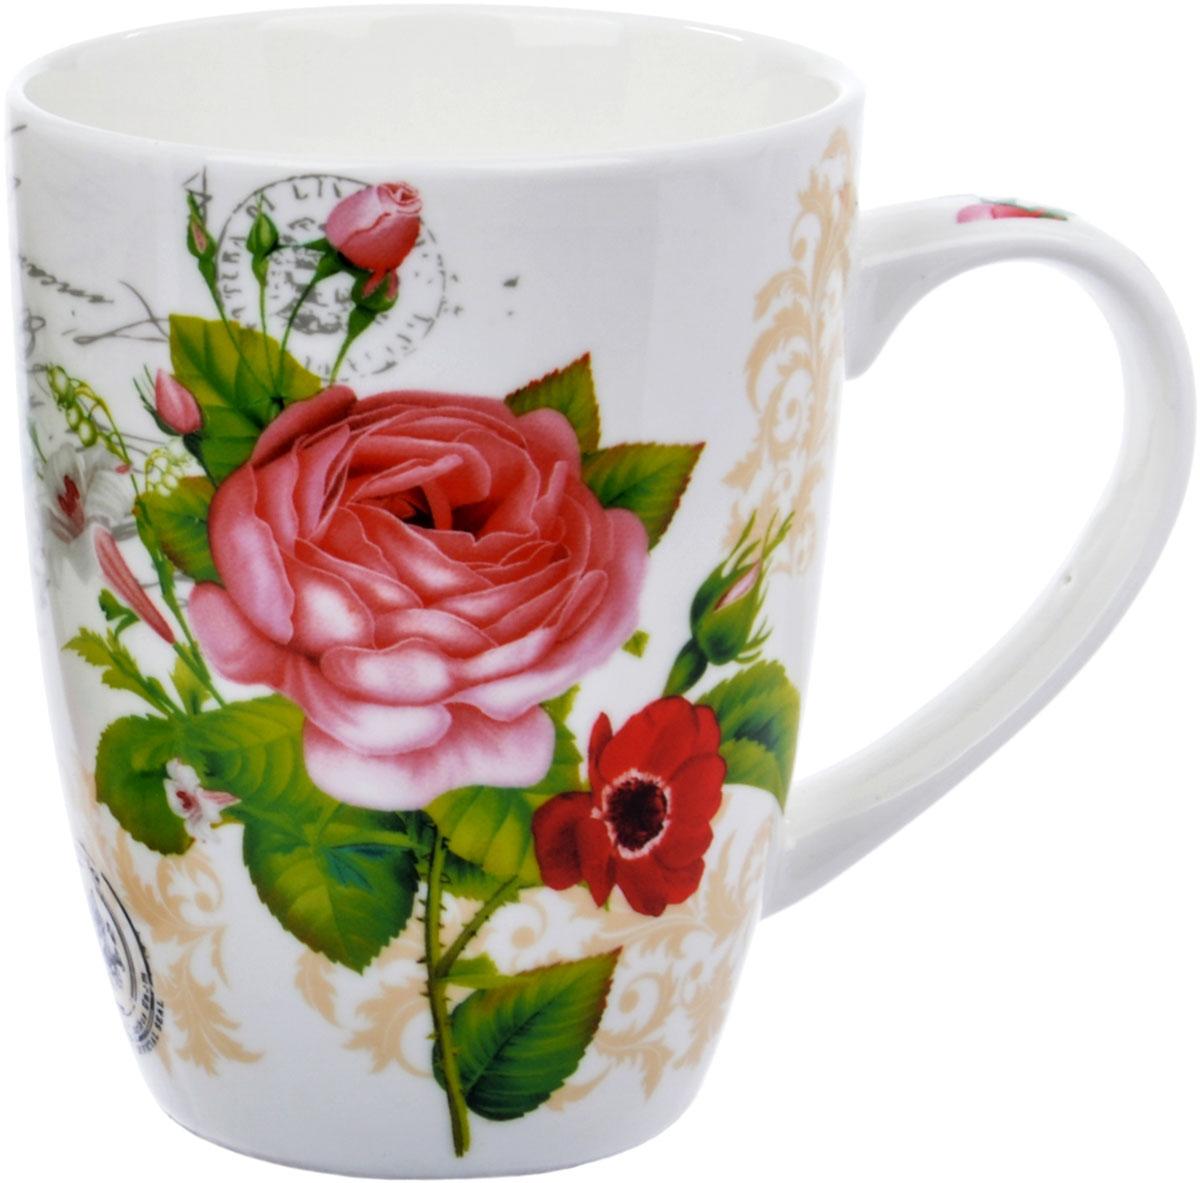 Кружка Ningbo Royal Роза садовая, 355 млRUCH070Фарфоровая кружка Ningbo Royal Роза садовая удивит вас приятным сочетанием отменного качества фарфора и цветочным декором. Кружка найдет свое применение как в городской квартире, так и в загородном доме. Элегантный декор будет одинаково хорошо смотреться в любое время года. Кружку Ningbo Royal Роза садовая можно использовать в СВЧ и мыть в посудомоечной машине.